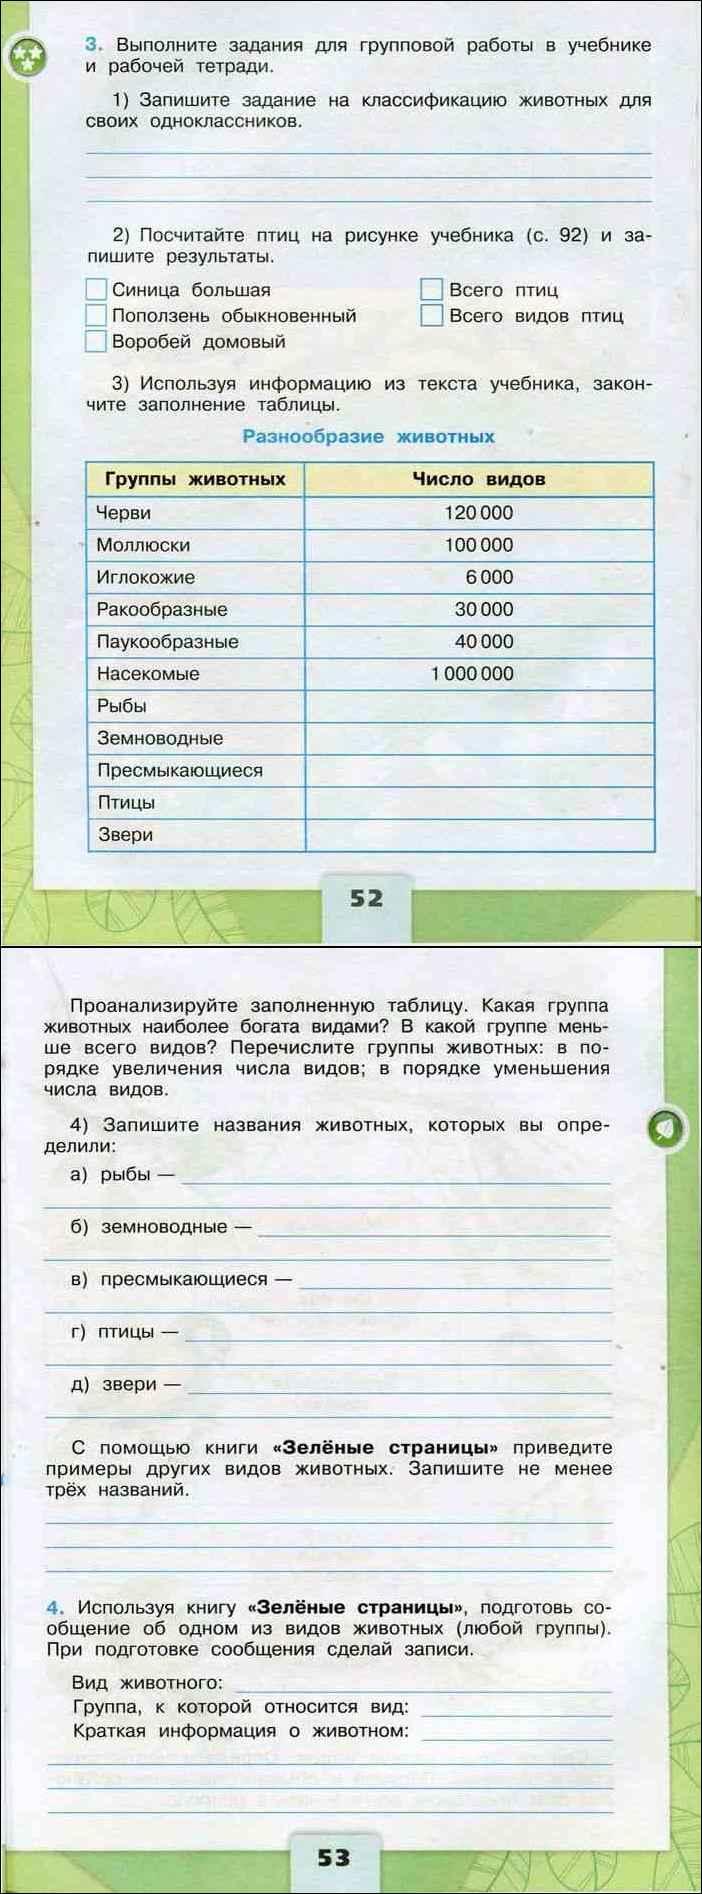 книга зеленые страницы 3 класс читать онлайн бесплатно